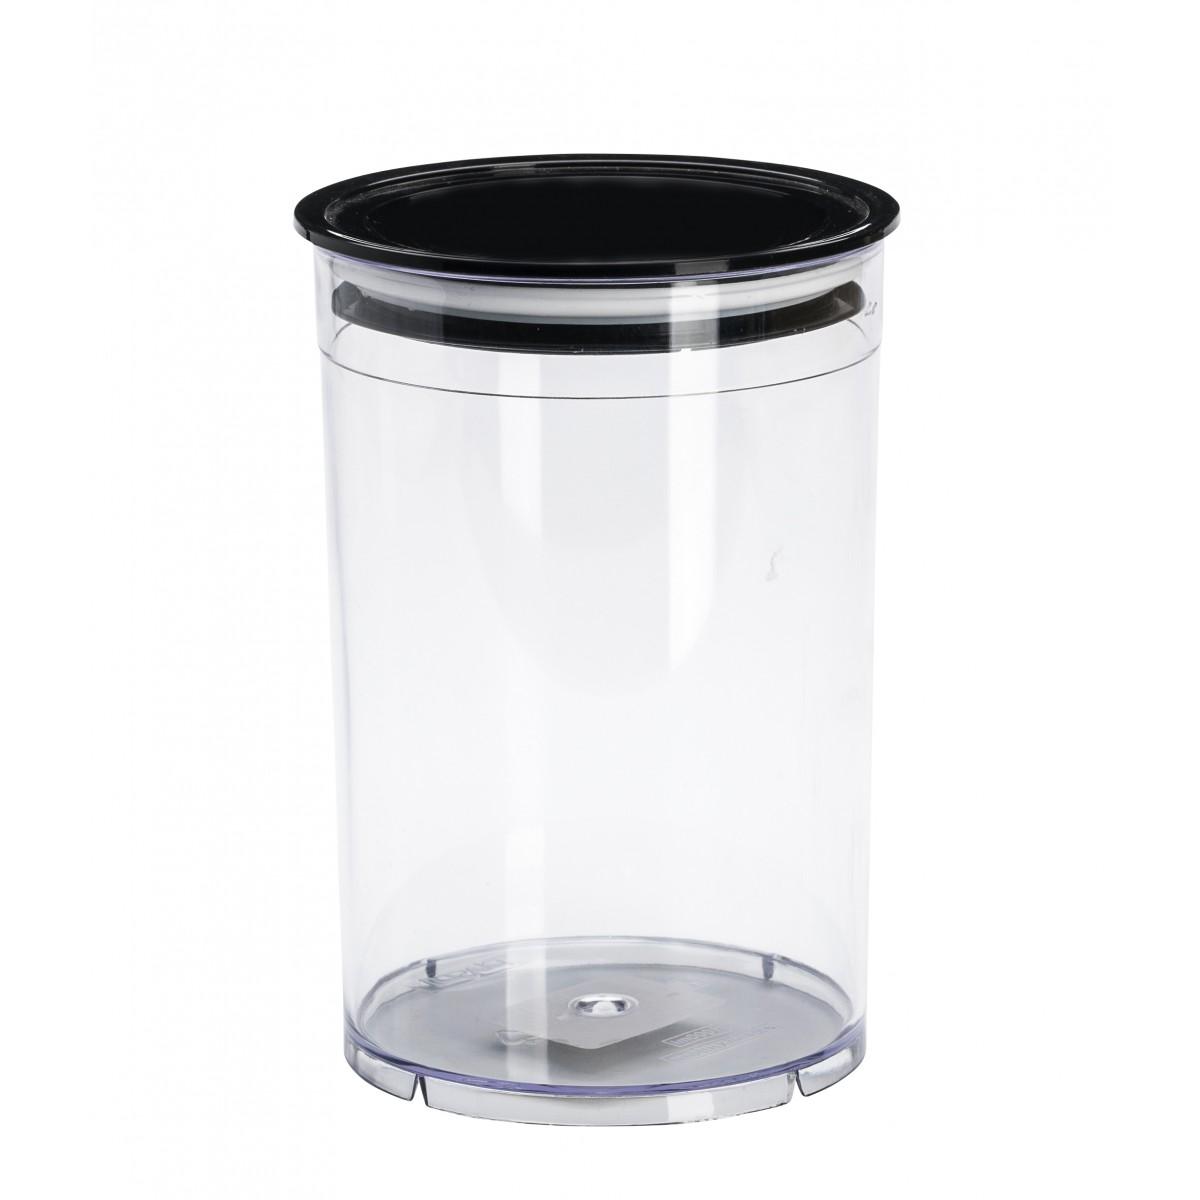 PLAST 1 Dåse rund 1 L